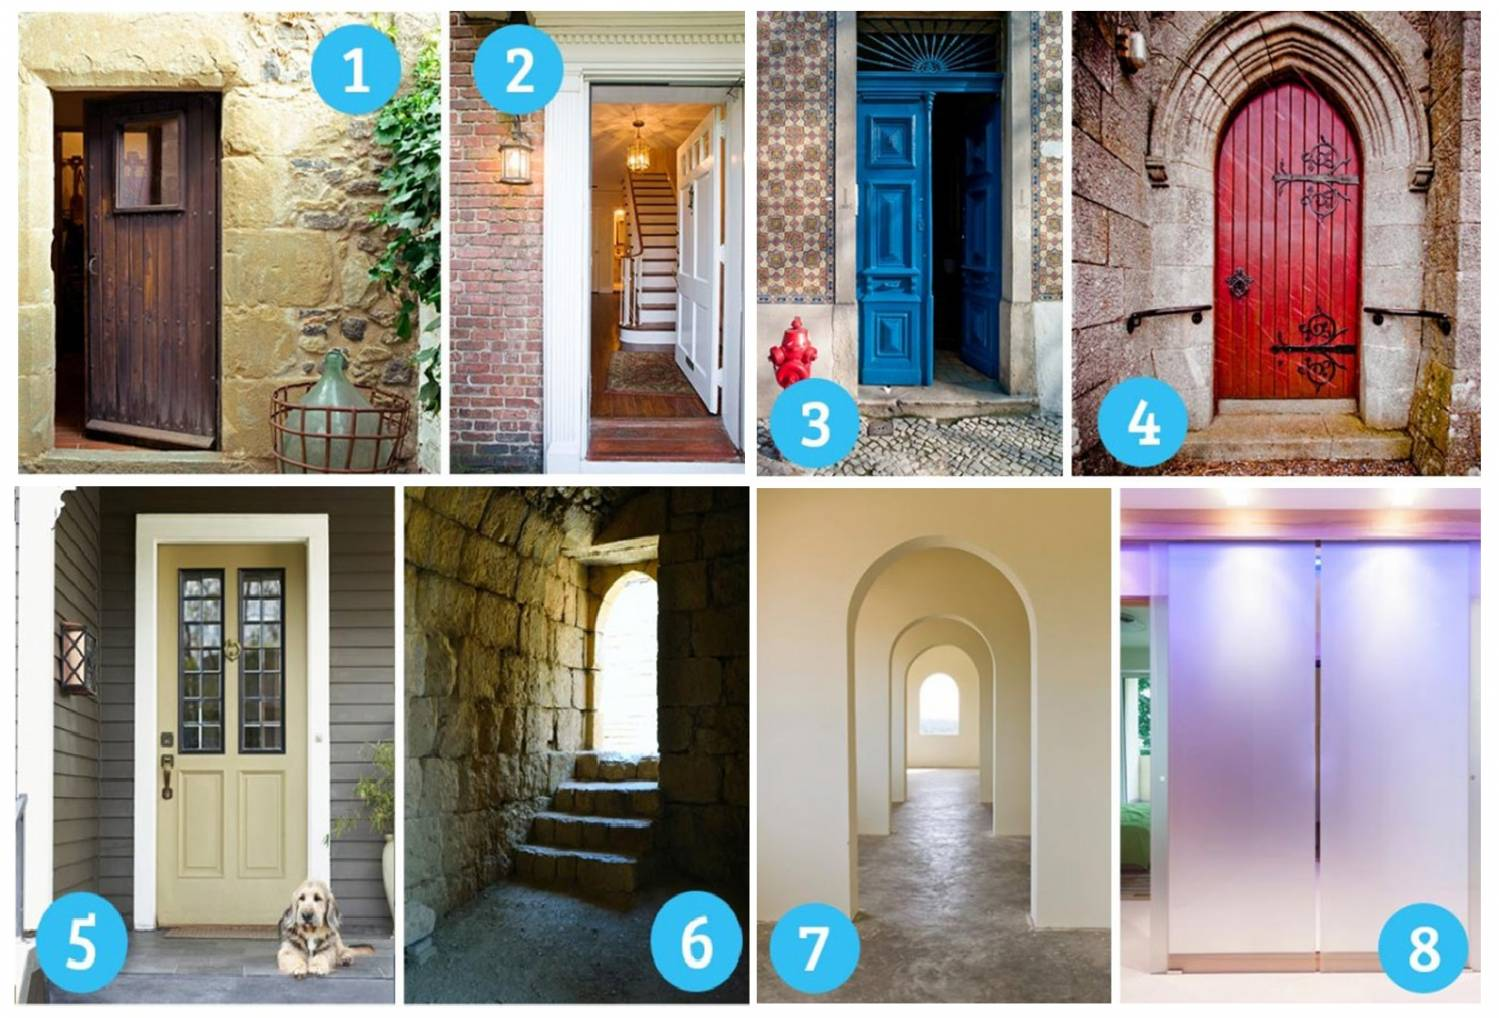 Тест: выберите дверь и узнайте, что вы за человек